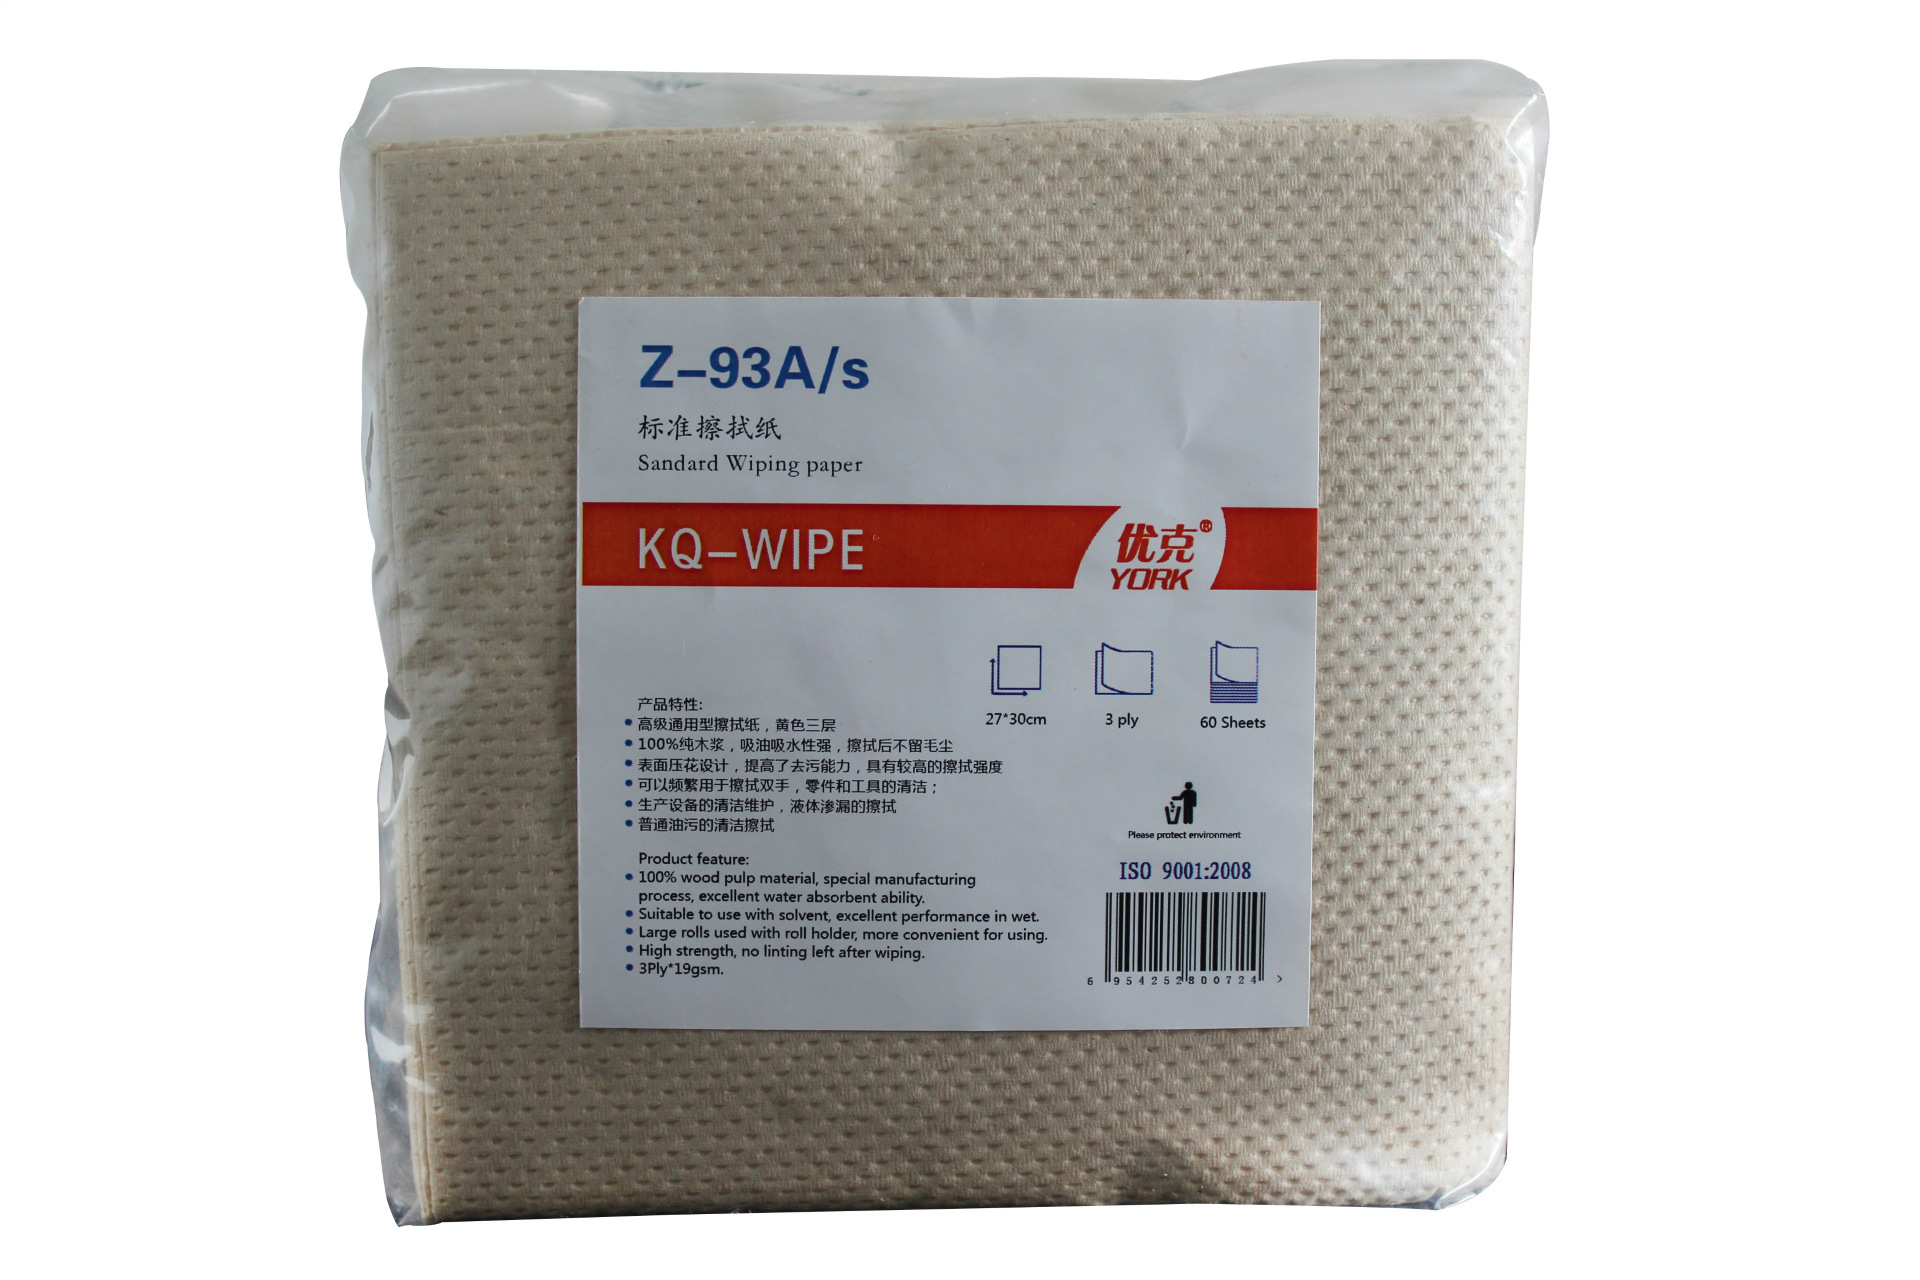 广州YORK/优克Z-93A黄色擦拭纸 三层擦拭纸 工业擦拭纸 多功能